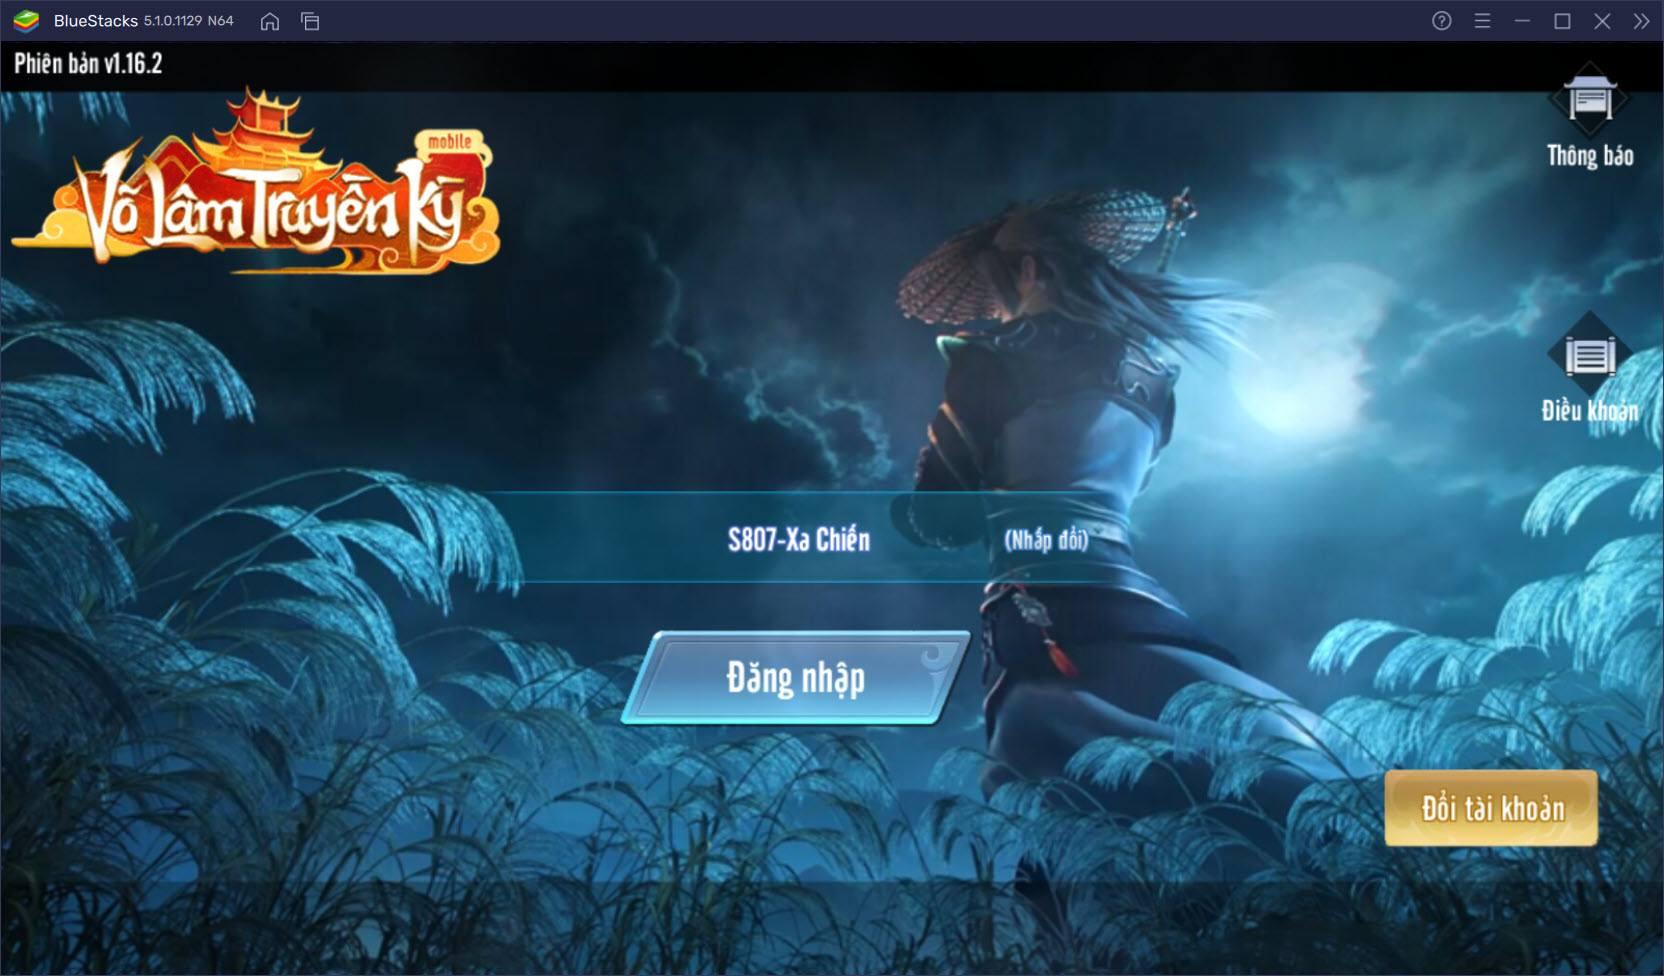 VLTK Mobile: Trải nghiệm môn phái mới Xung Tiêu trên PC với BlueStacks